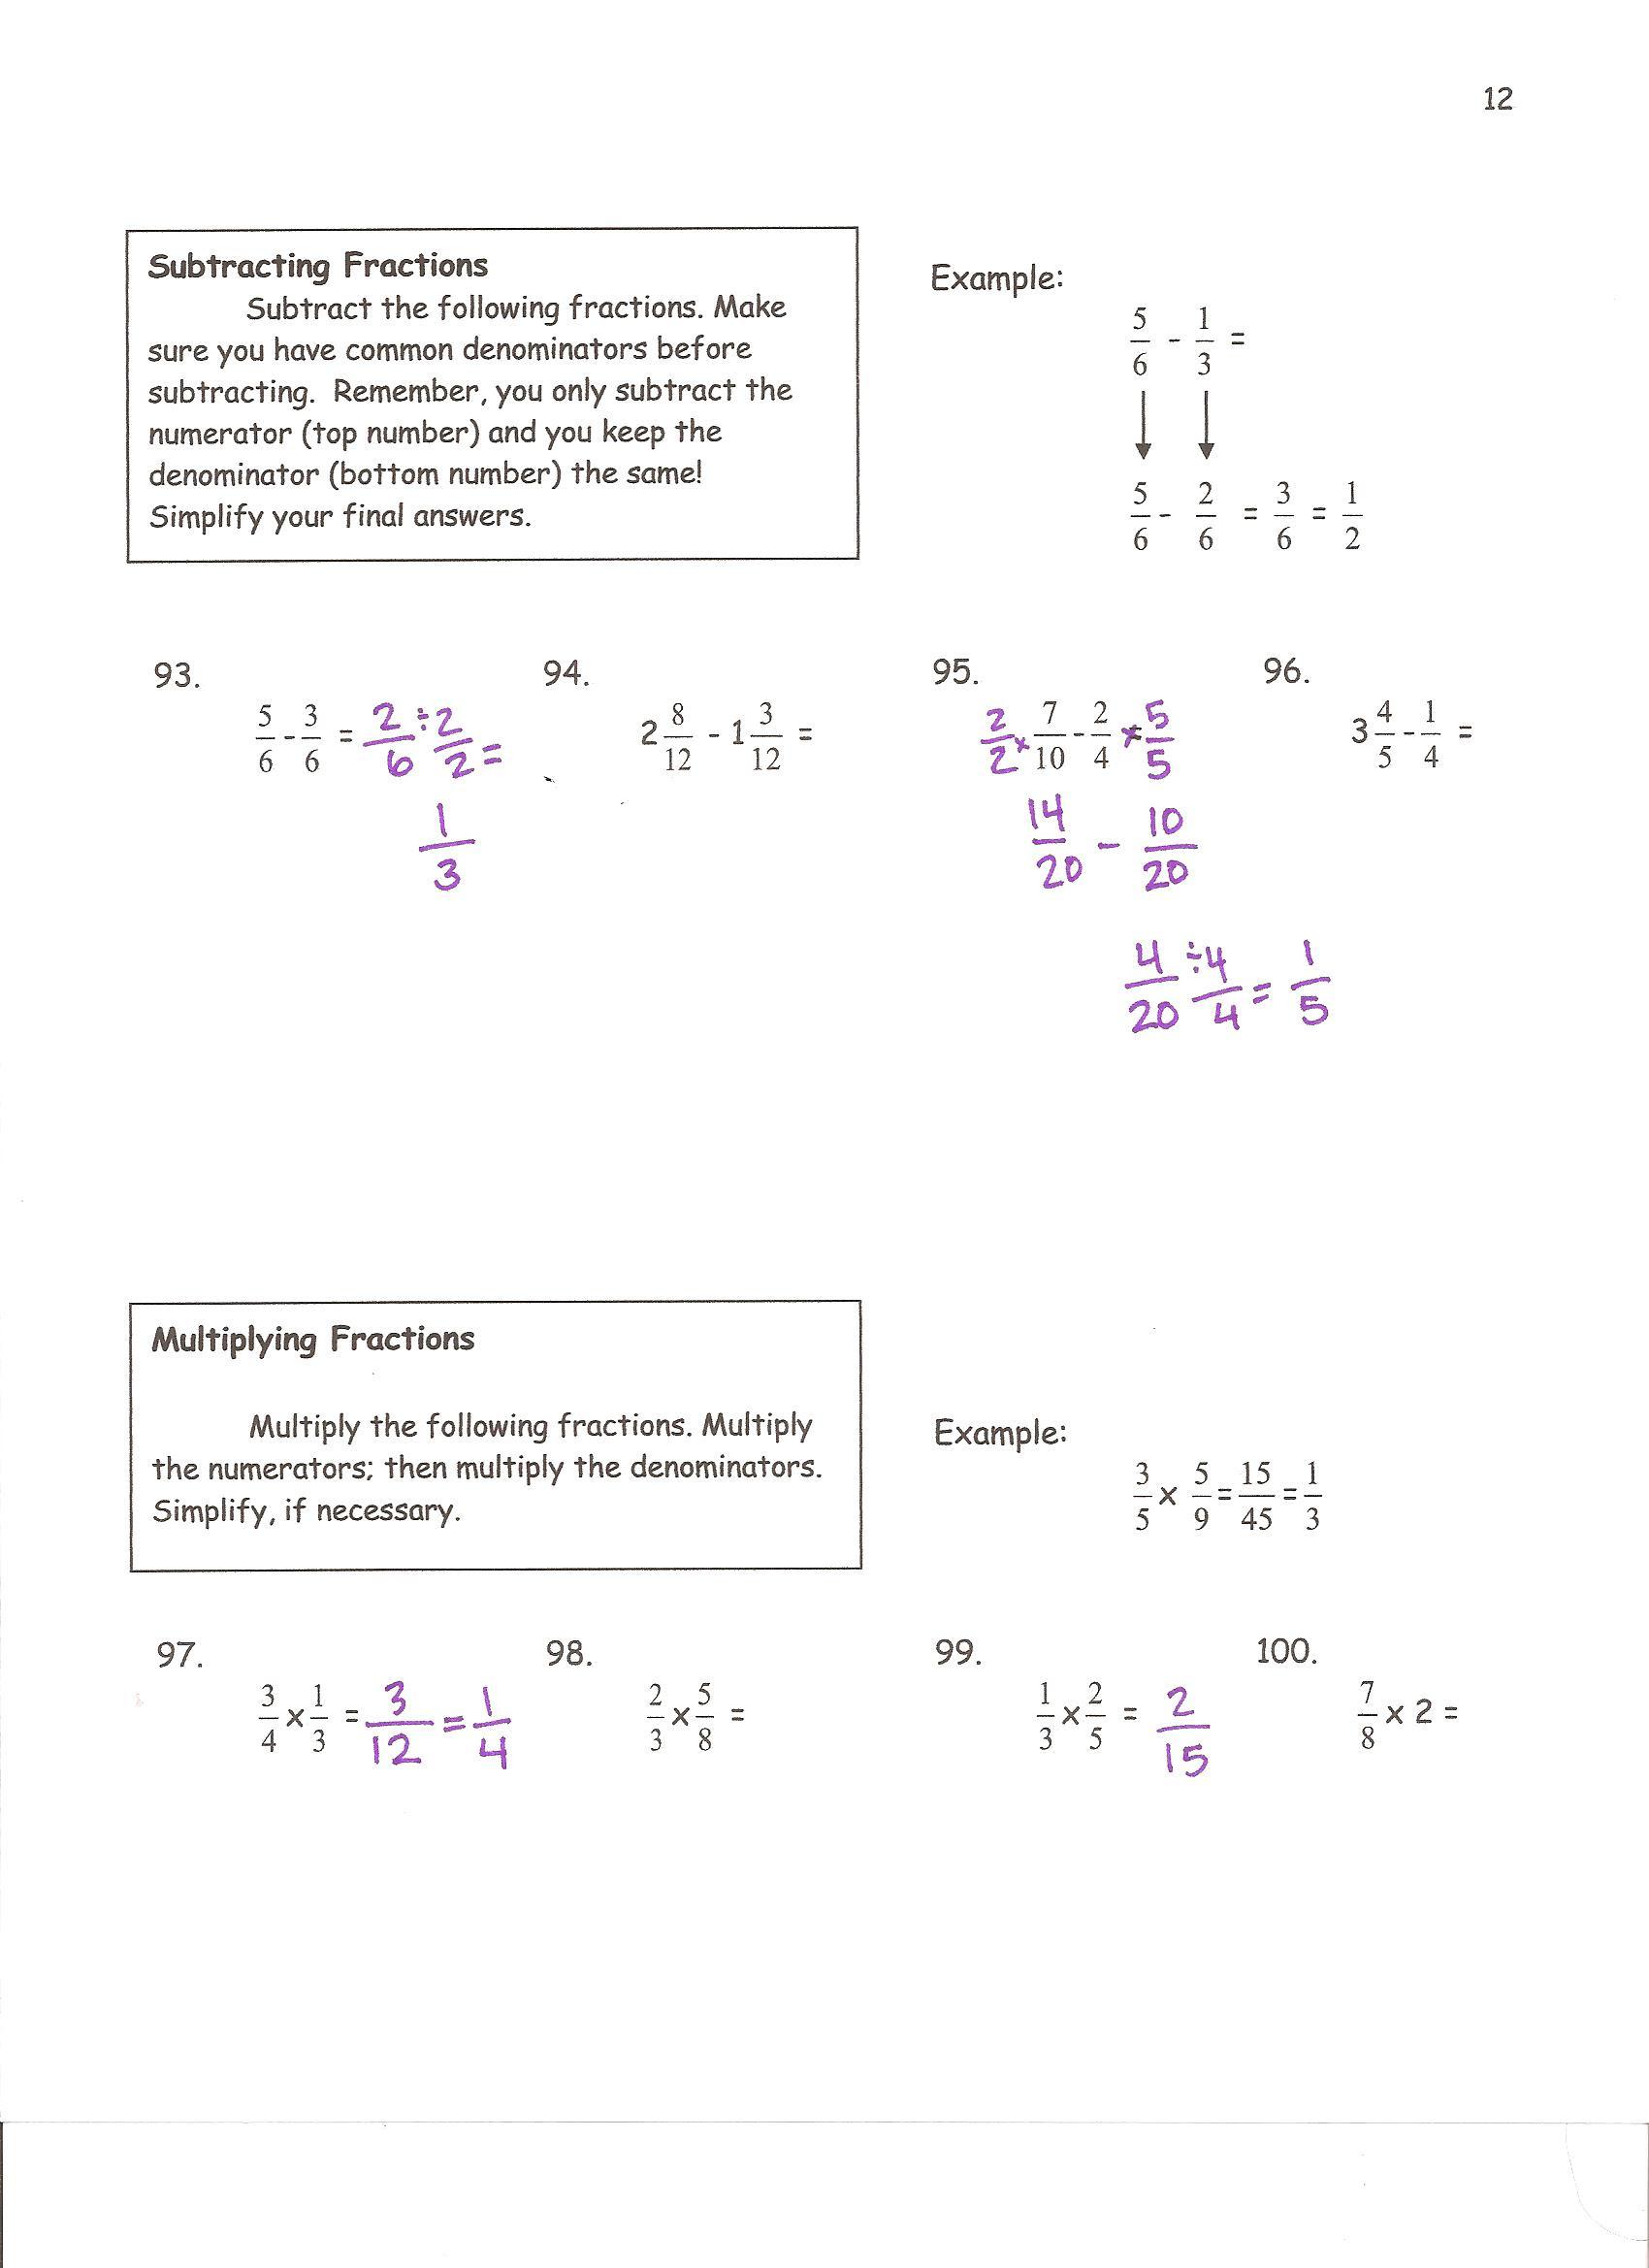 6th Grade Summer Math Calendar: 10 Week Review Packet TpT